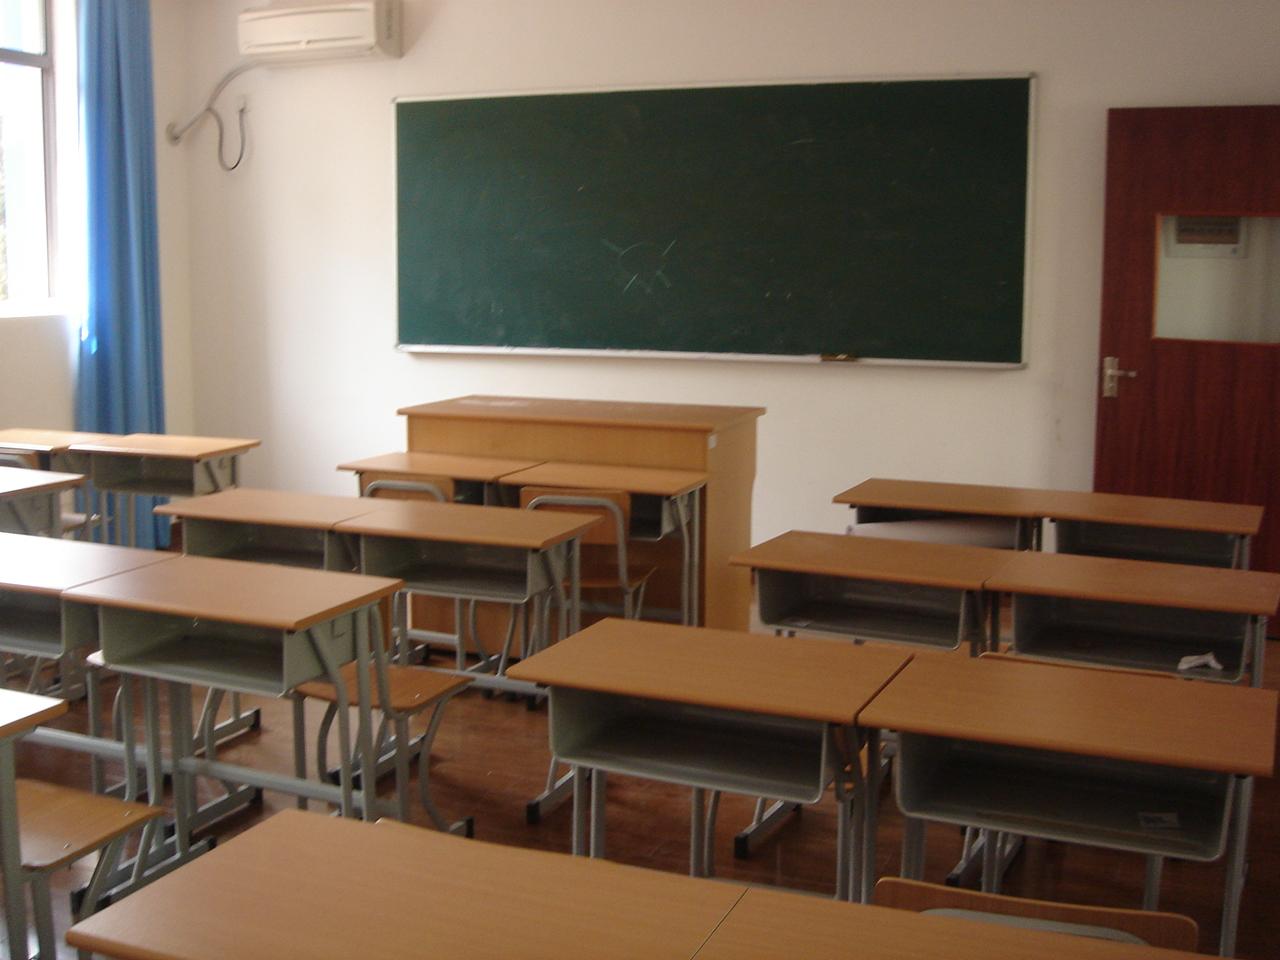 成年学生扭打受伤 学校无错不担责任